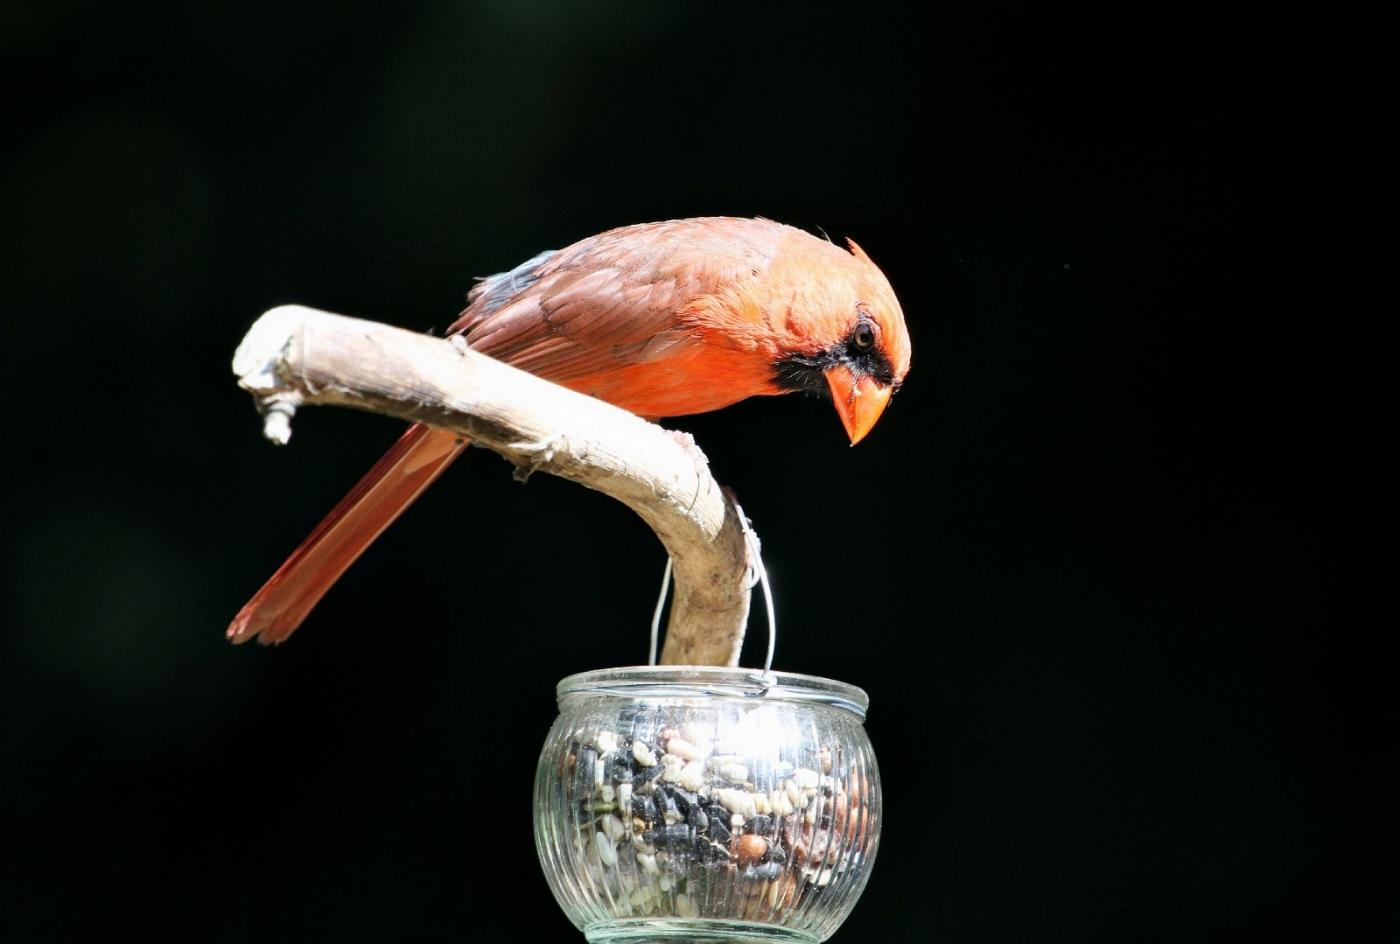 【田螺摄影】做个漂亮的喂鸟器更吸引红衣主教_图1-1